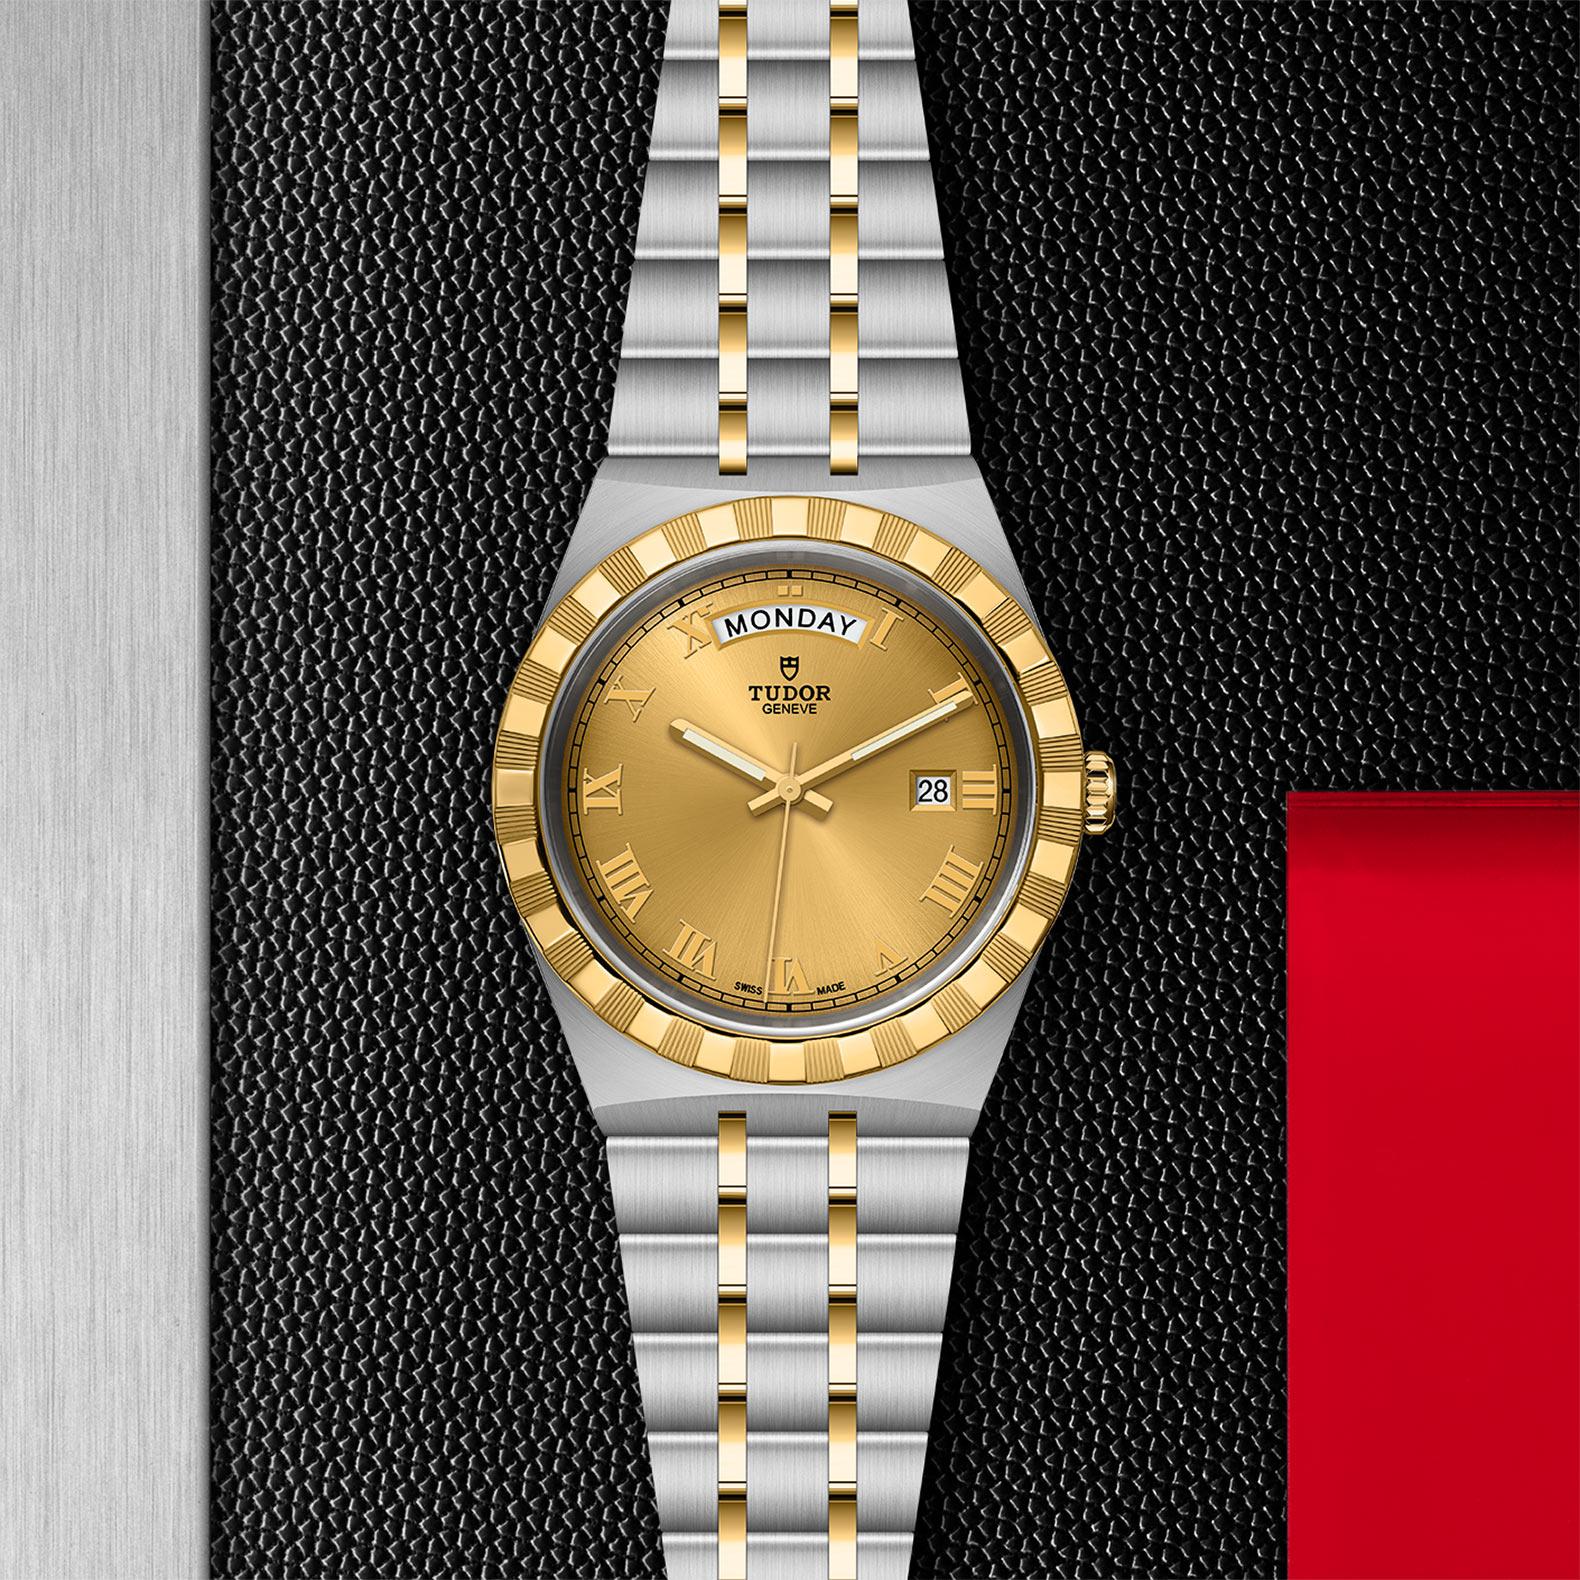 TUDOR Royal - M28603-0004